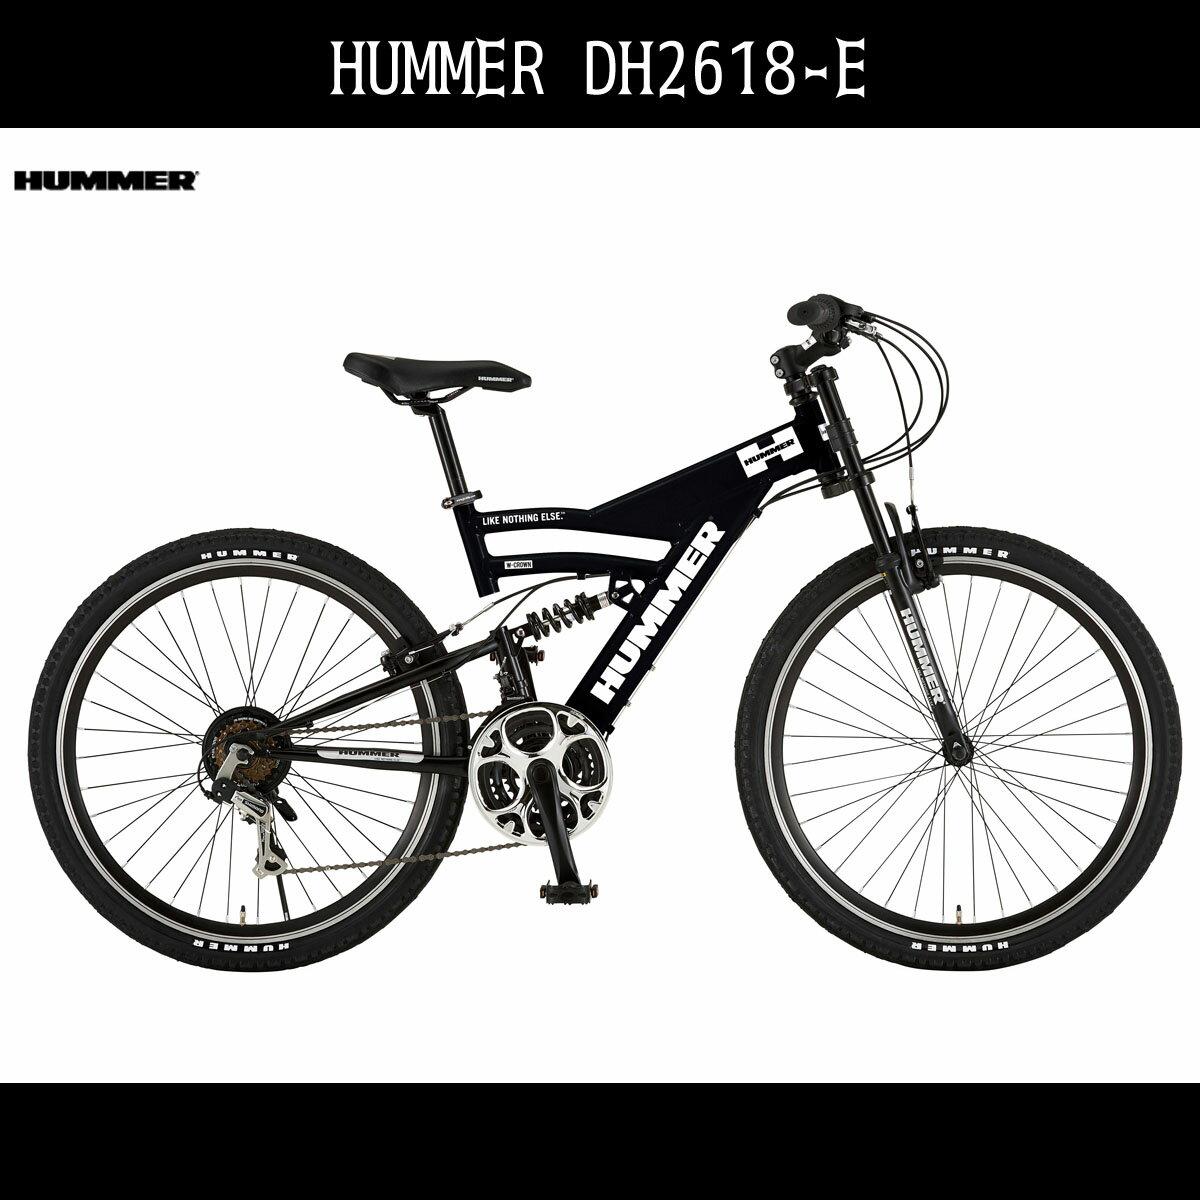 【送料無料 マウンテンバイク ハマー HUMMER 自転車】ブラック 黒【26インチ マウンテンバイク 外装18段変速ギア アルミニウム MTB】DH2618-E アルミニウム ハマー 自転車 激安 格安 クリスマス